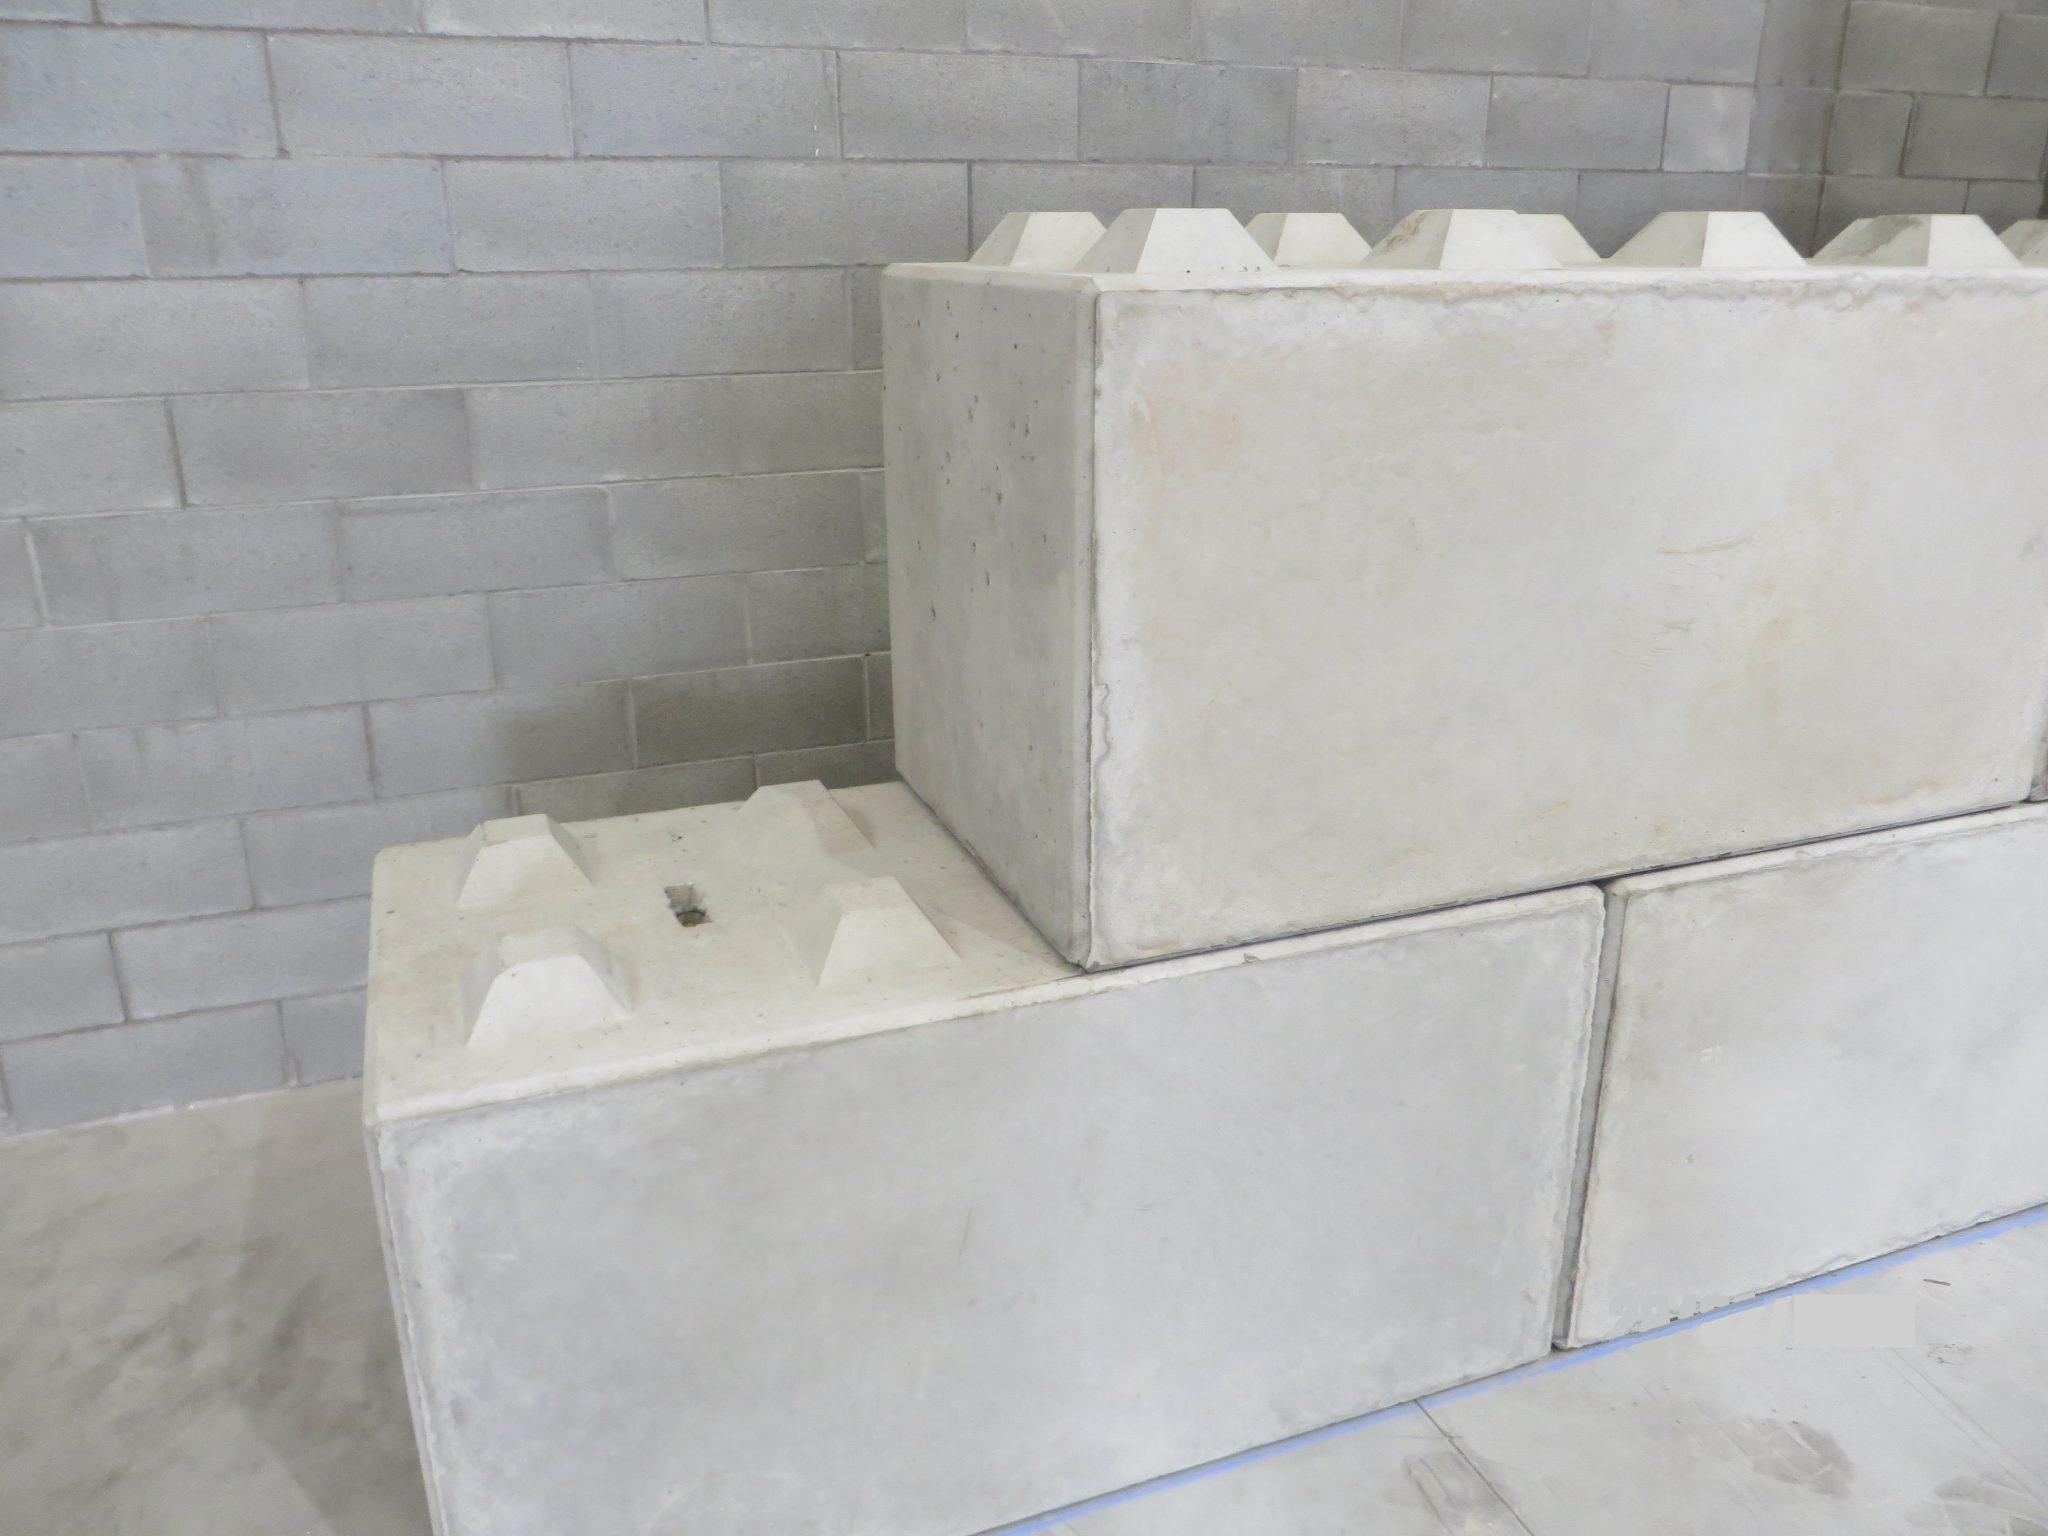 Blocchetti Di Cemento Per Recinzioni.Muri Cement Block Blocchi Per Muri A Secco Prefabbricati